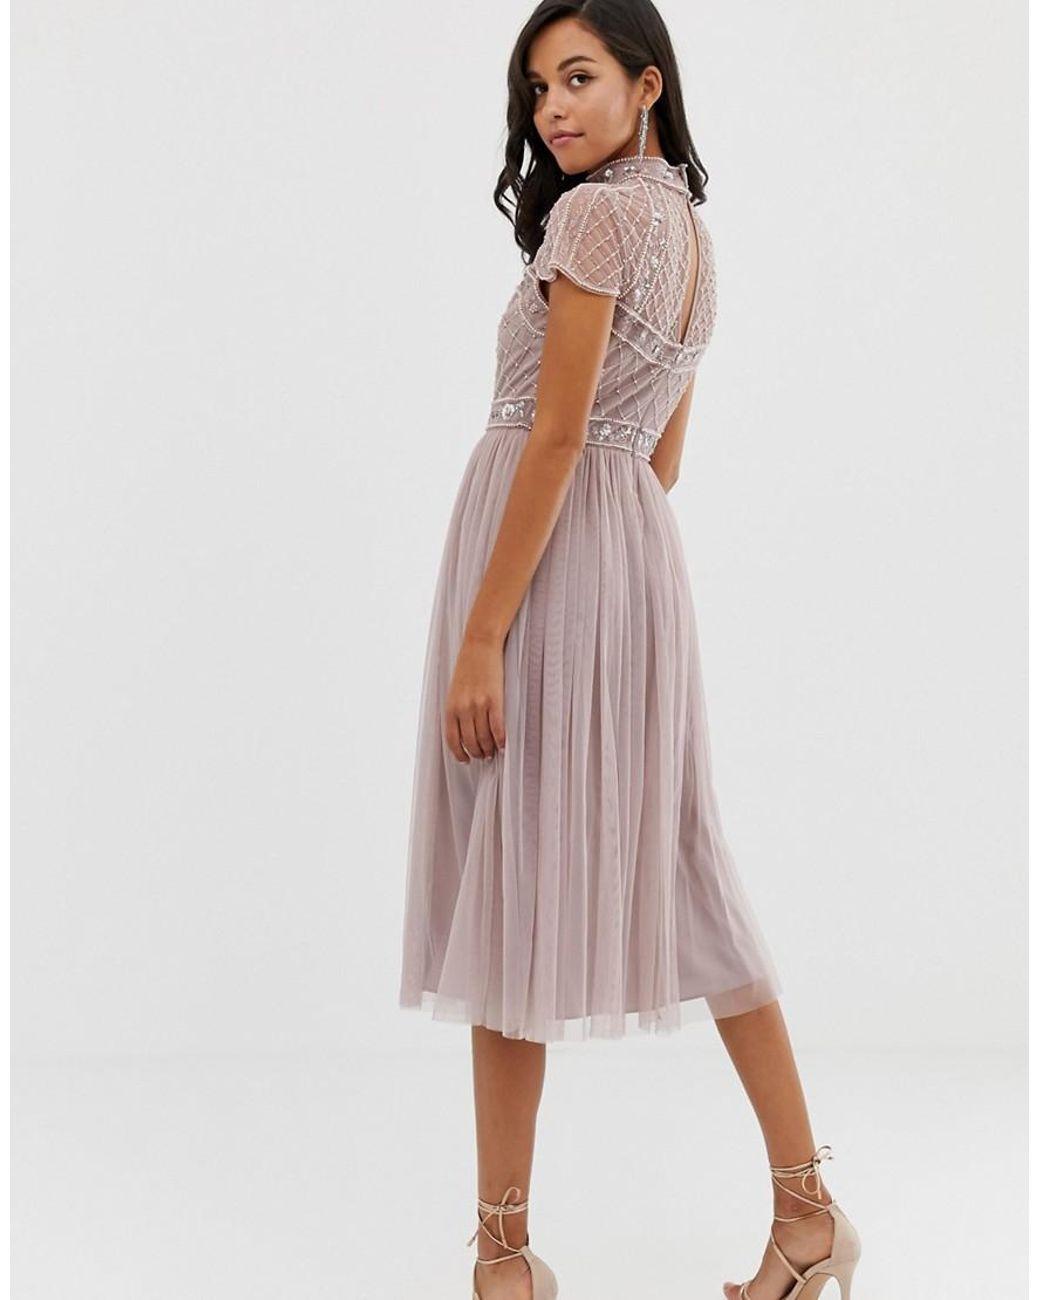 311f71630 Vestido midi con top corto adornado y falda de tul de mujer